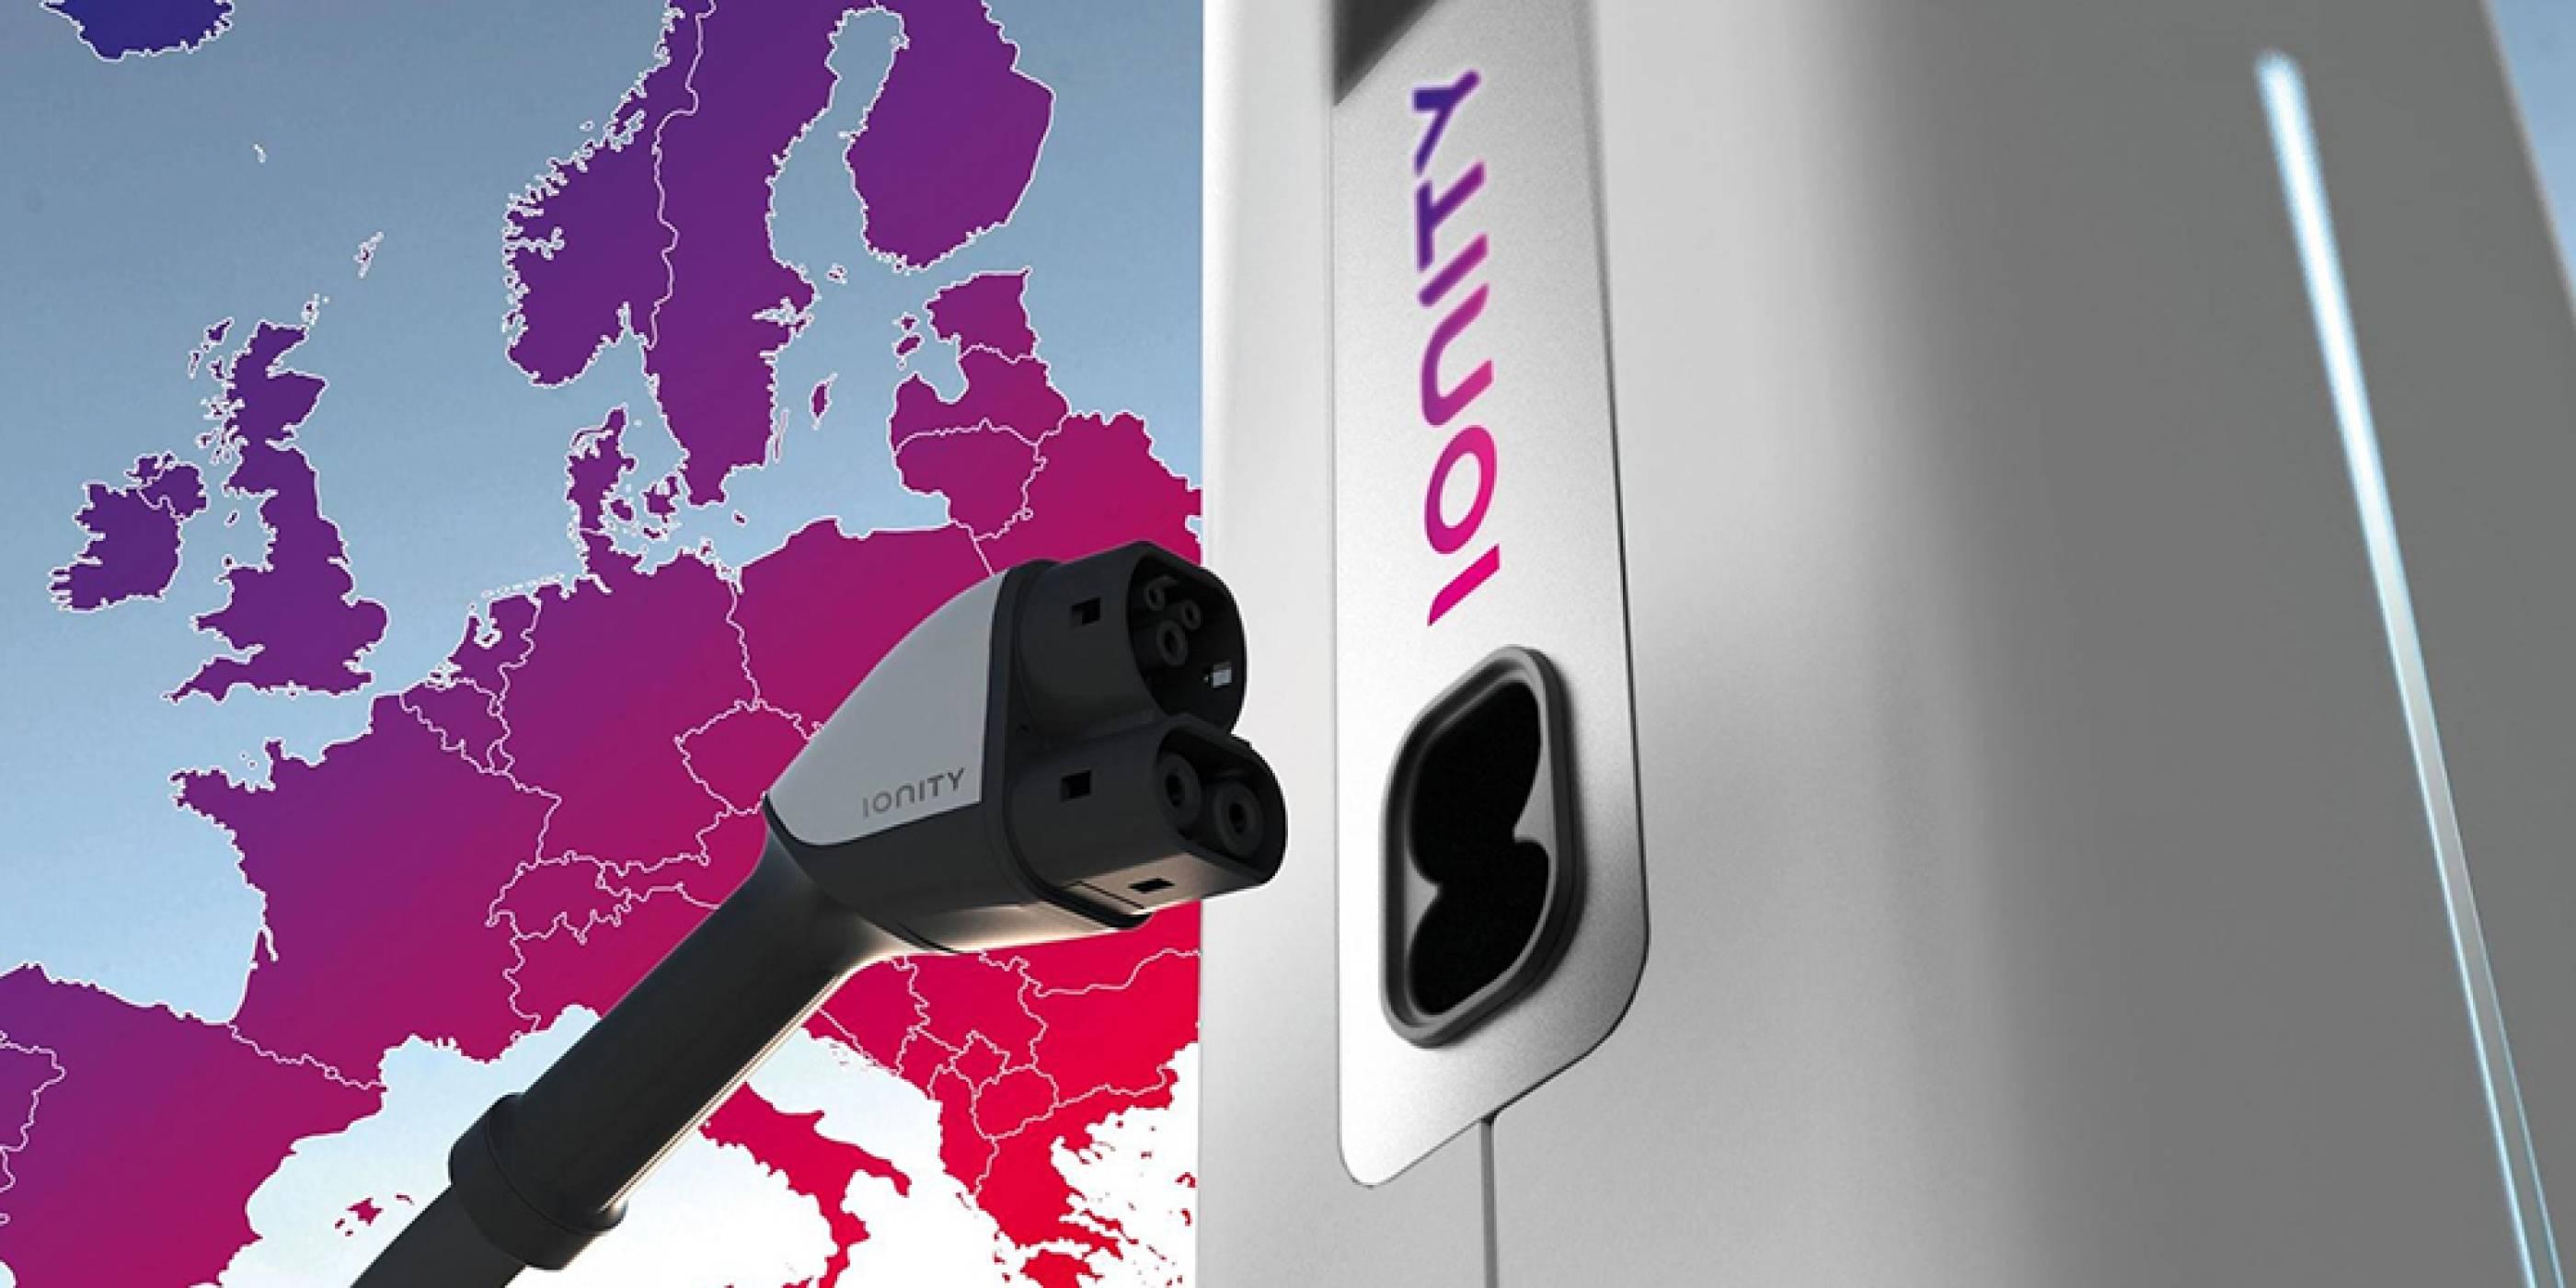 Четири автомобилни компании се обединяват, за да създадат мрежа за зареждане на електрически автомобили в Европа